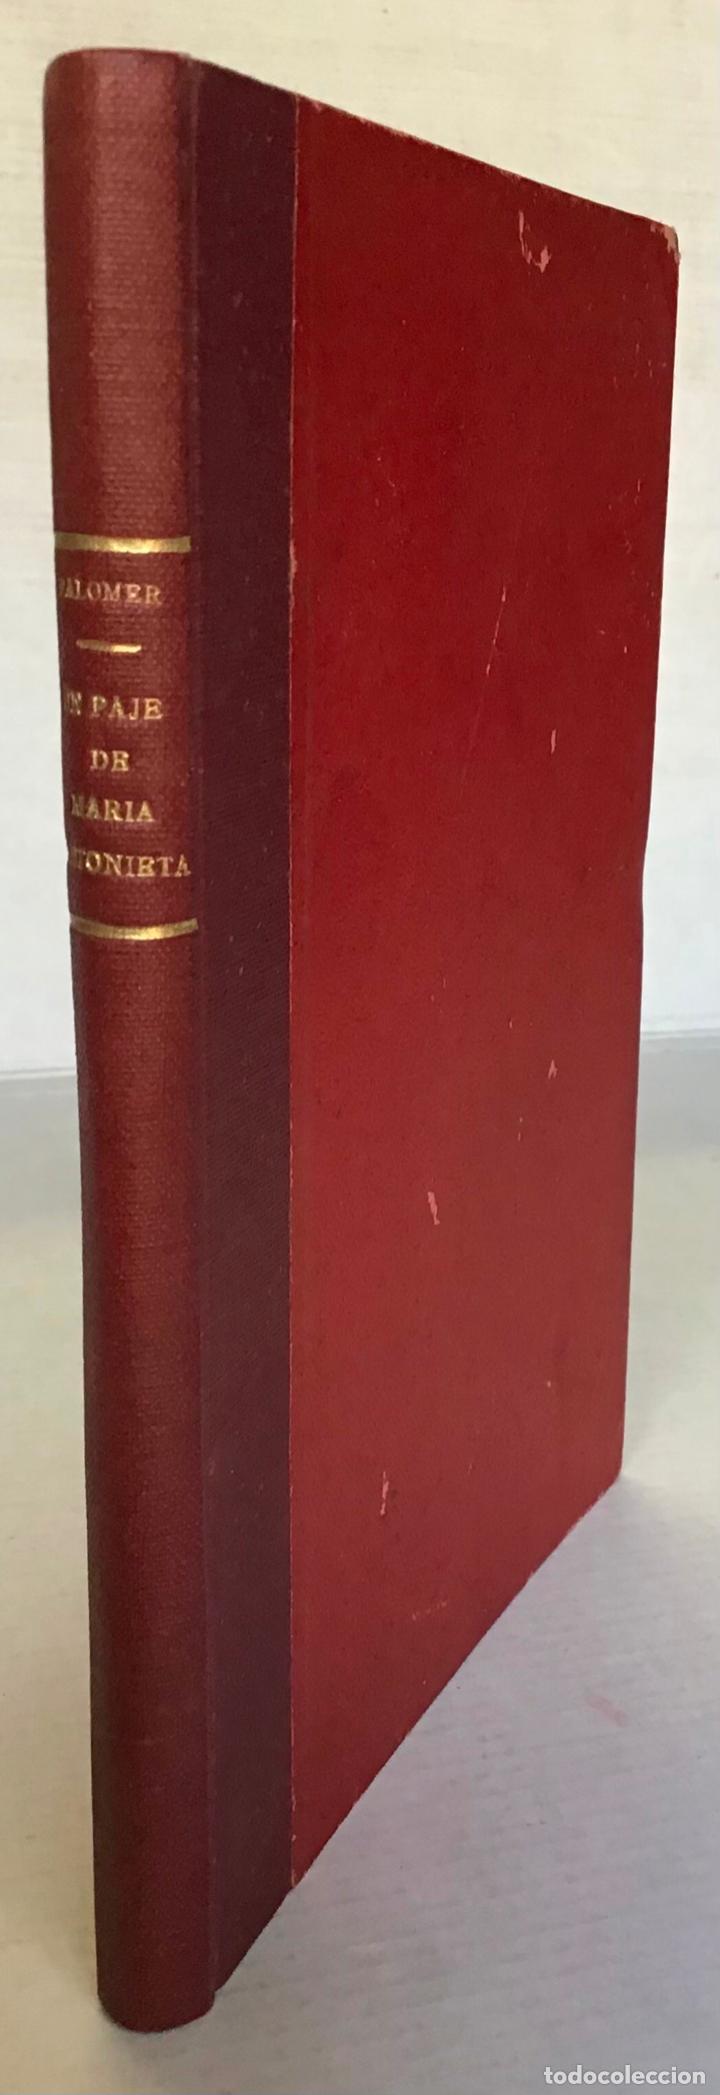 Libros antiguos: UN PAJE DE MARÍA ANTONIETA. Apuntes históricos de la Revolución francesa. - PALOMER, José. - Foto 2 - 286609378